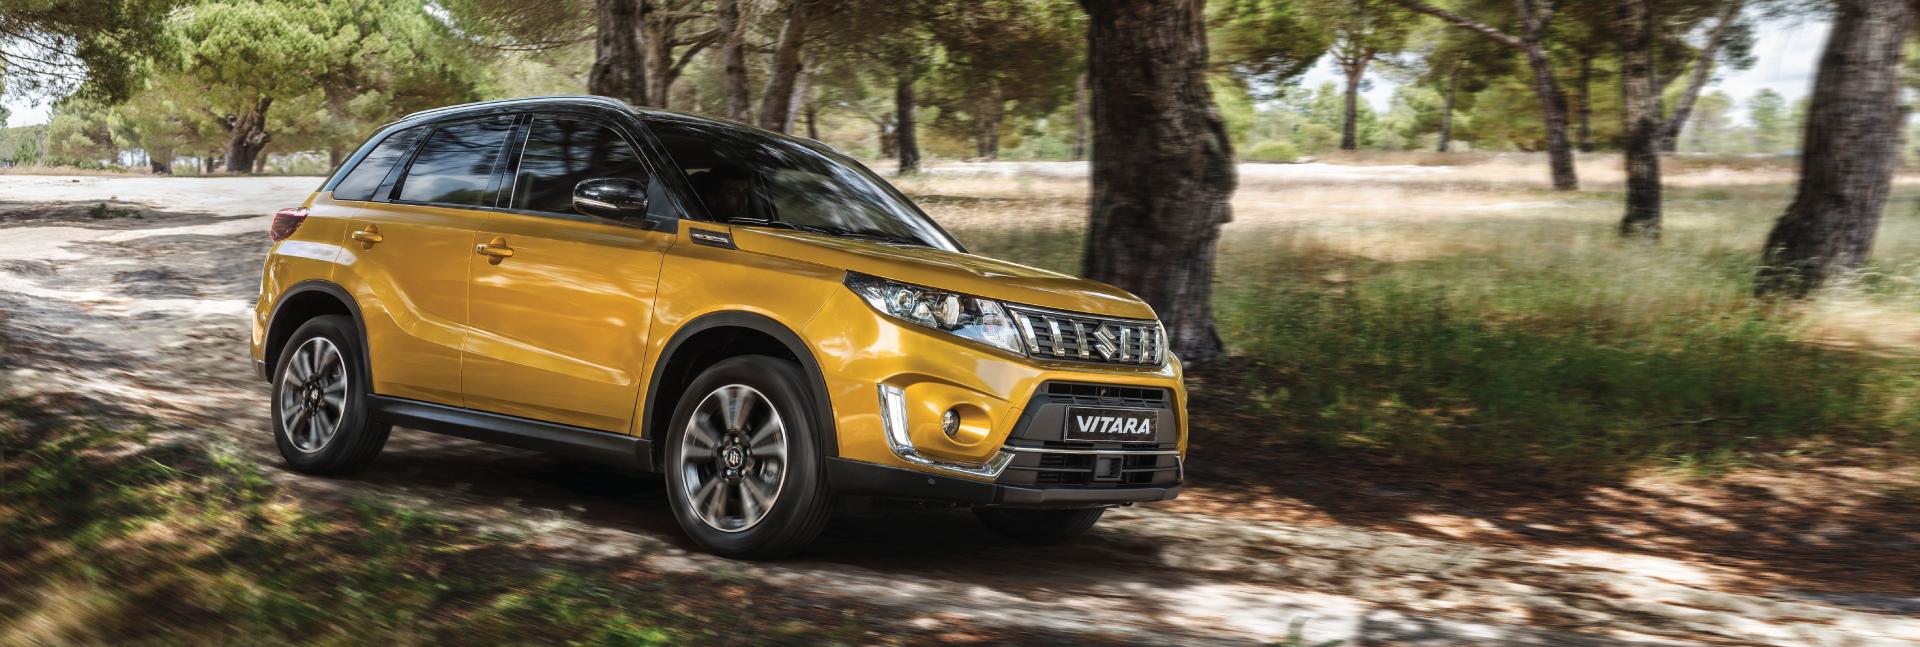 Vitara-driving-through-the-forest